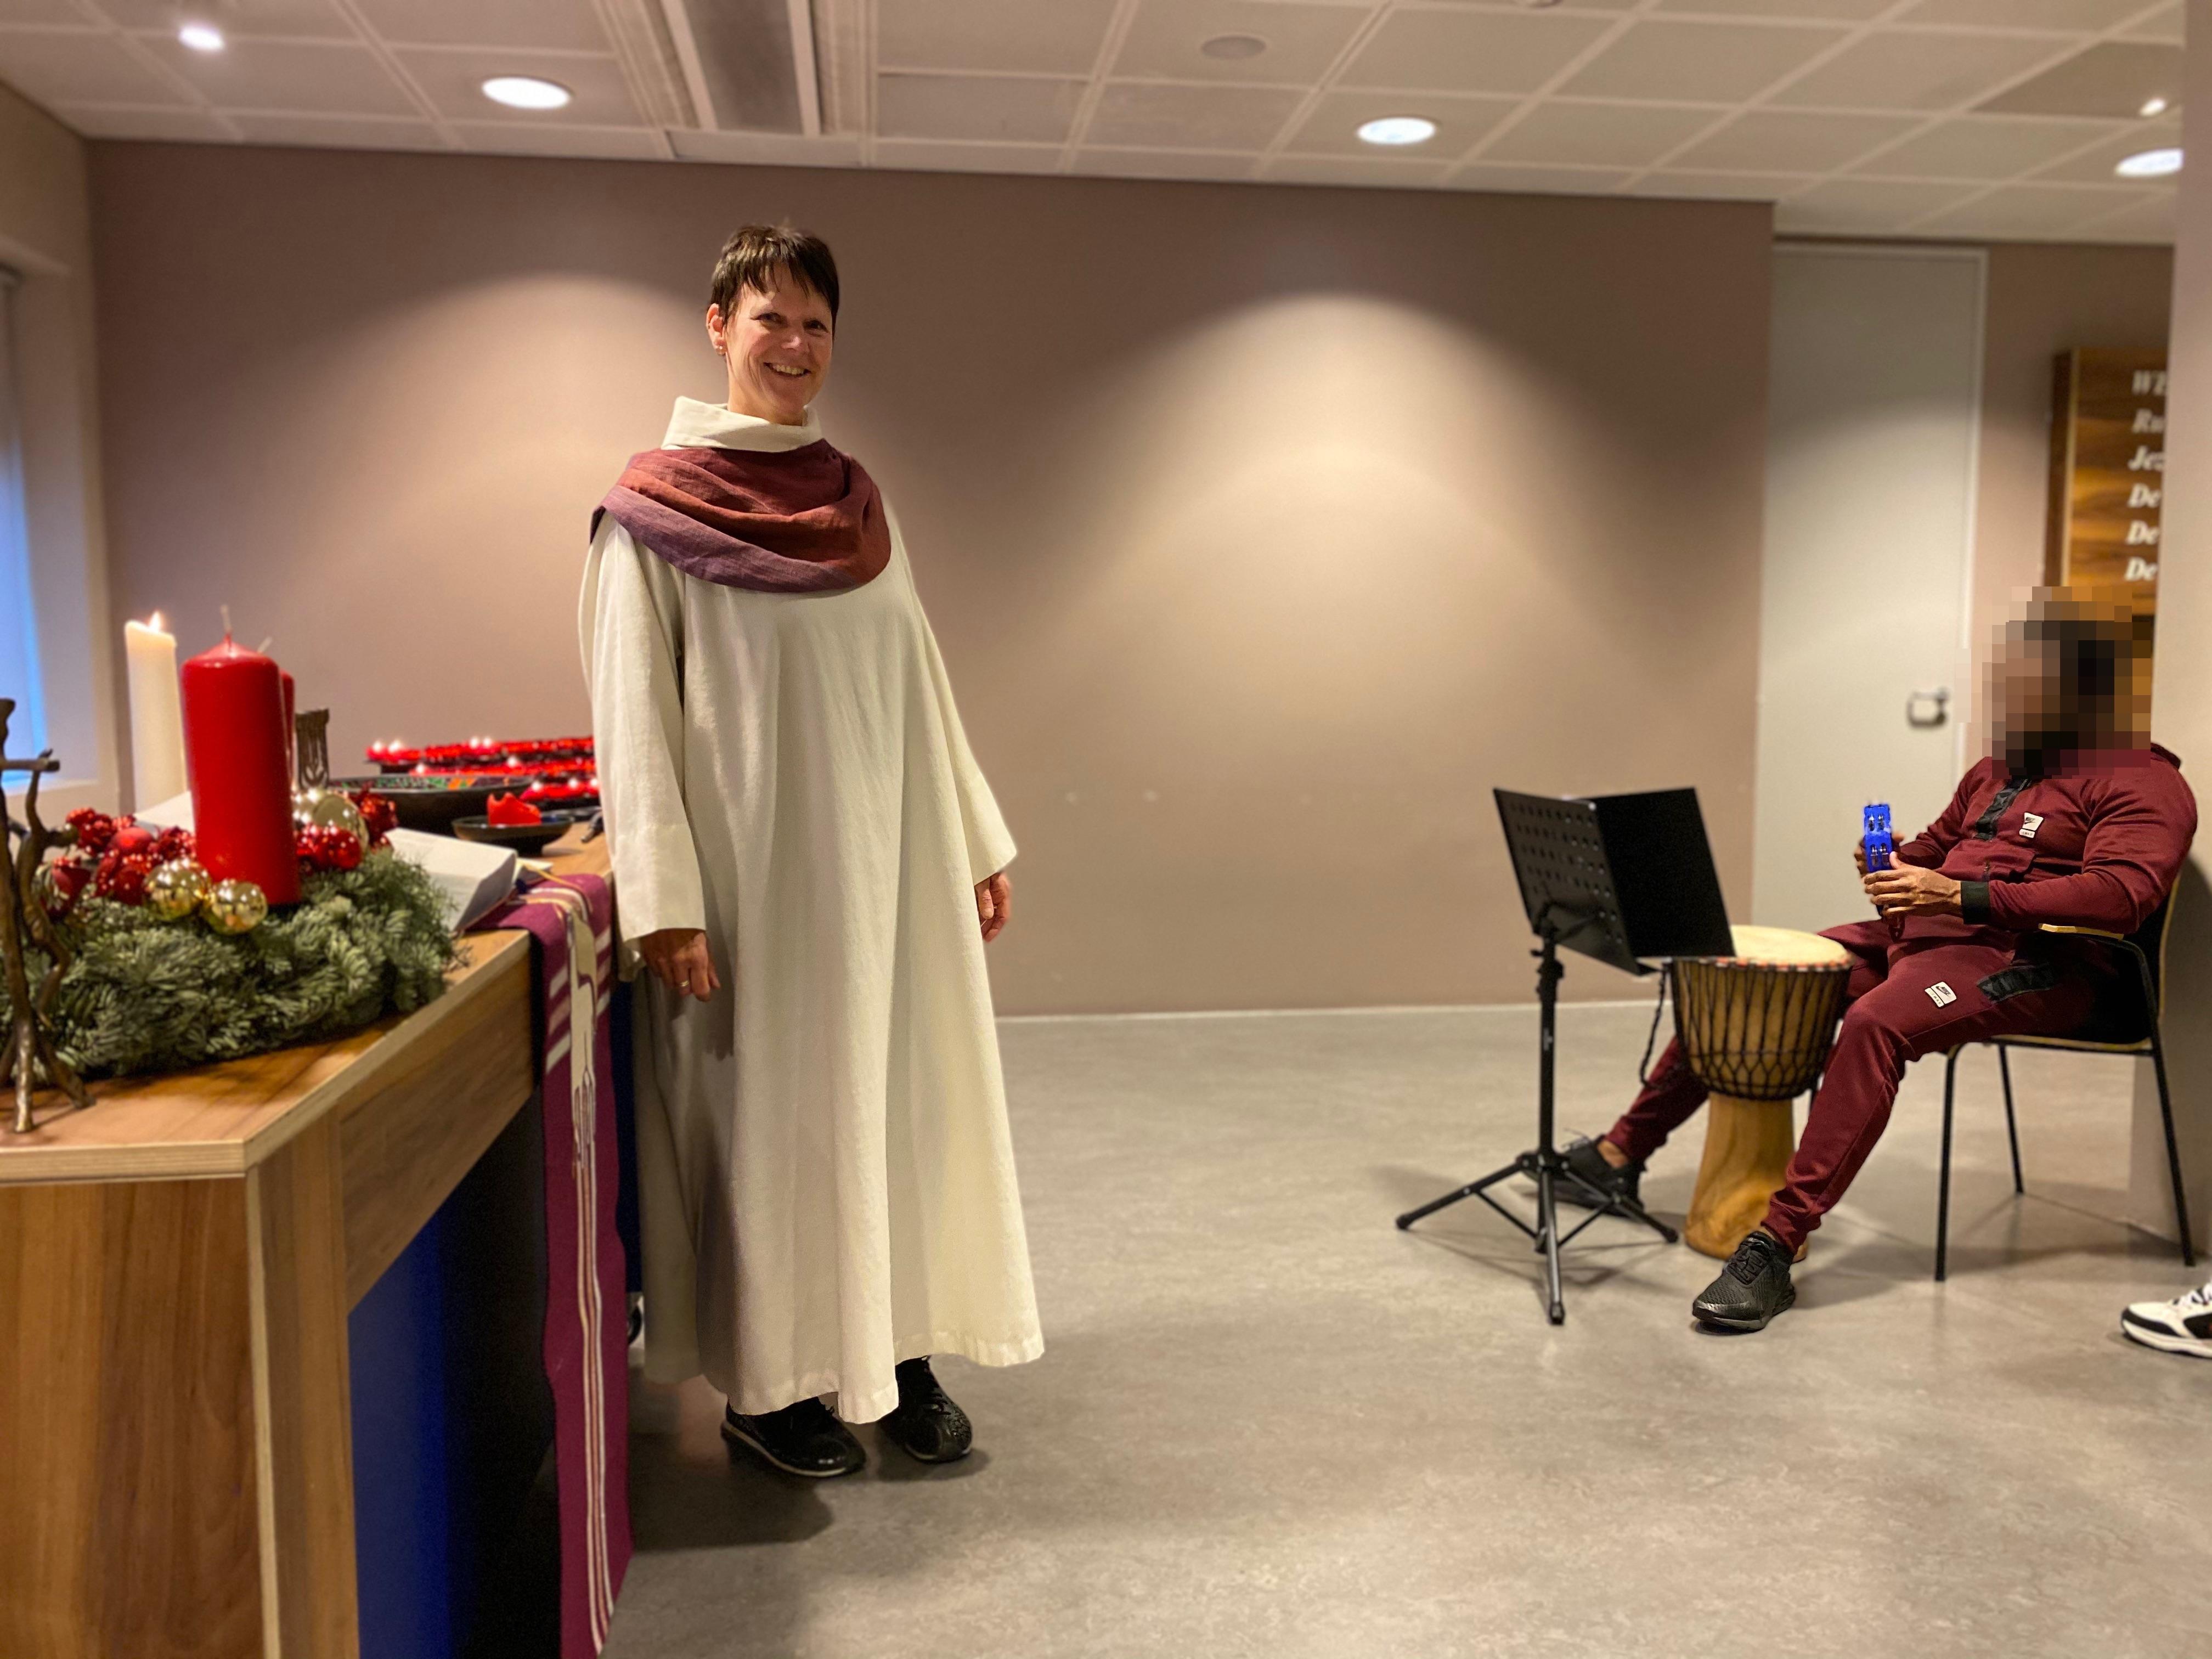 Muziek loopt als een rode draad door het leven van Liduine Thorn, nu als pastor op Schiphol